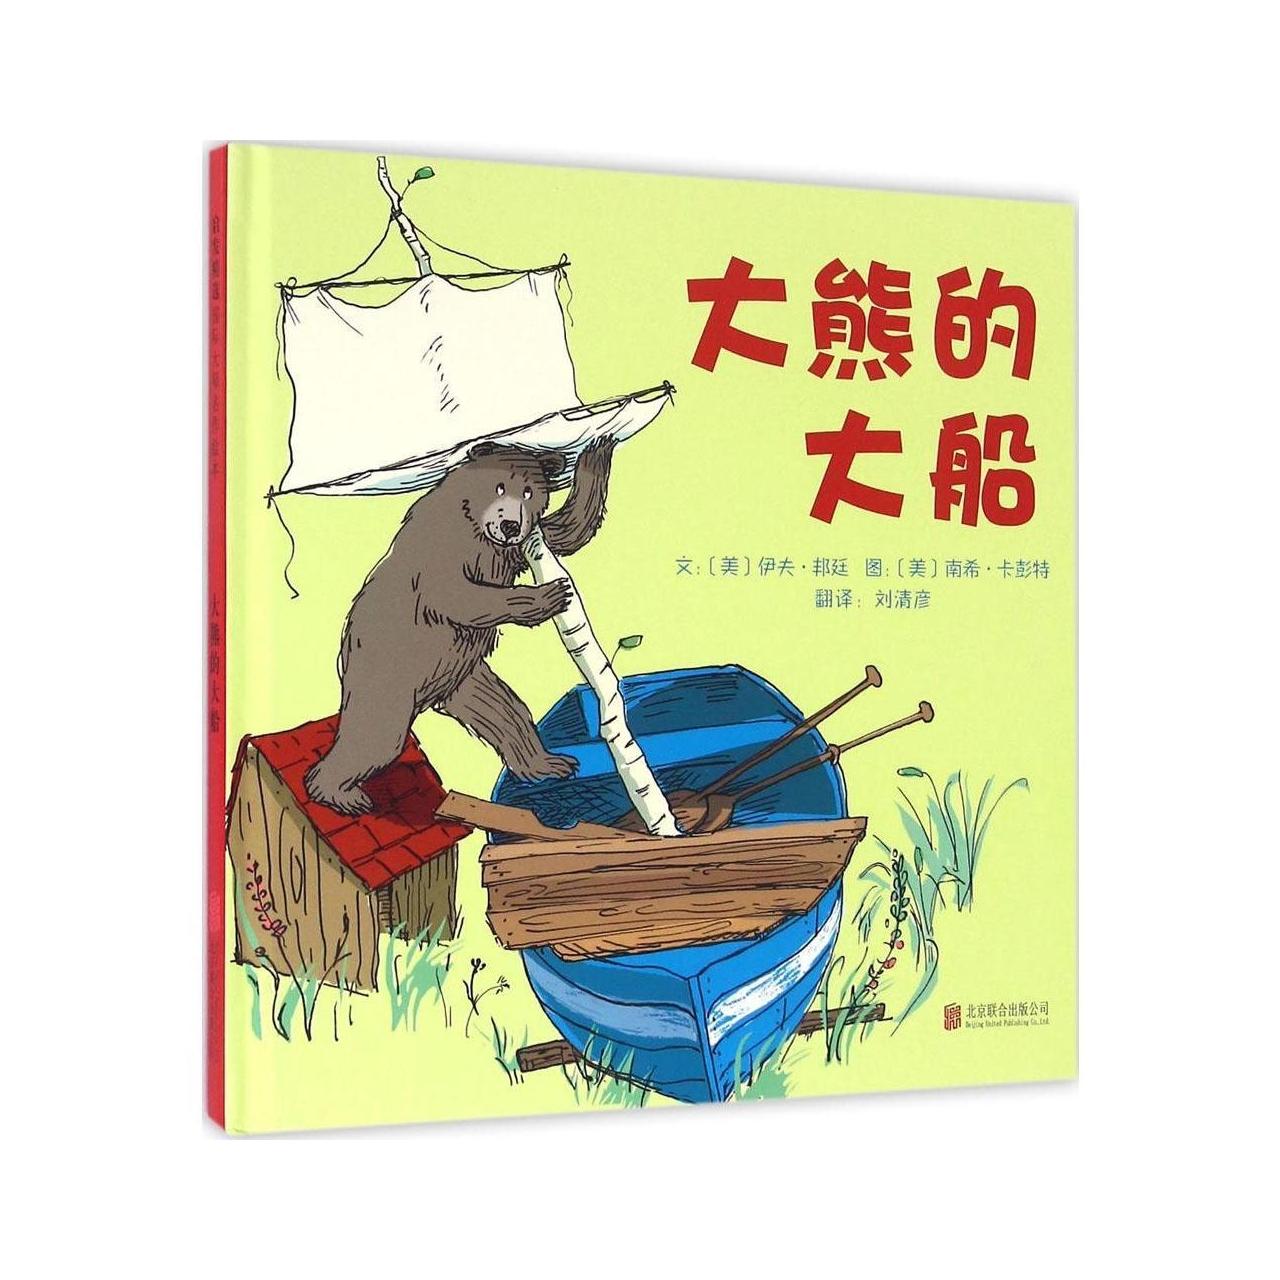 大雄的大船 【儿童绘本/翻译绘本/有趣故事】